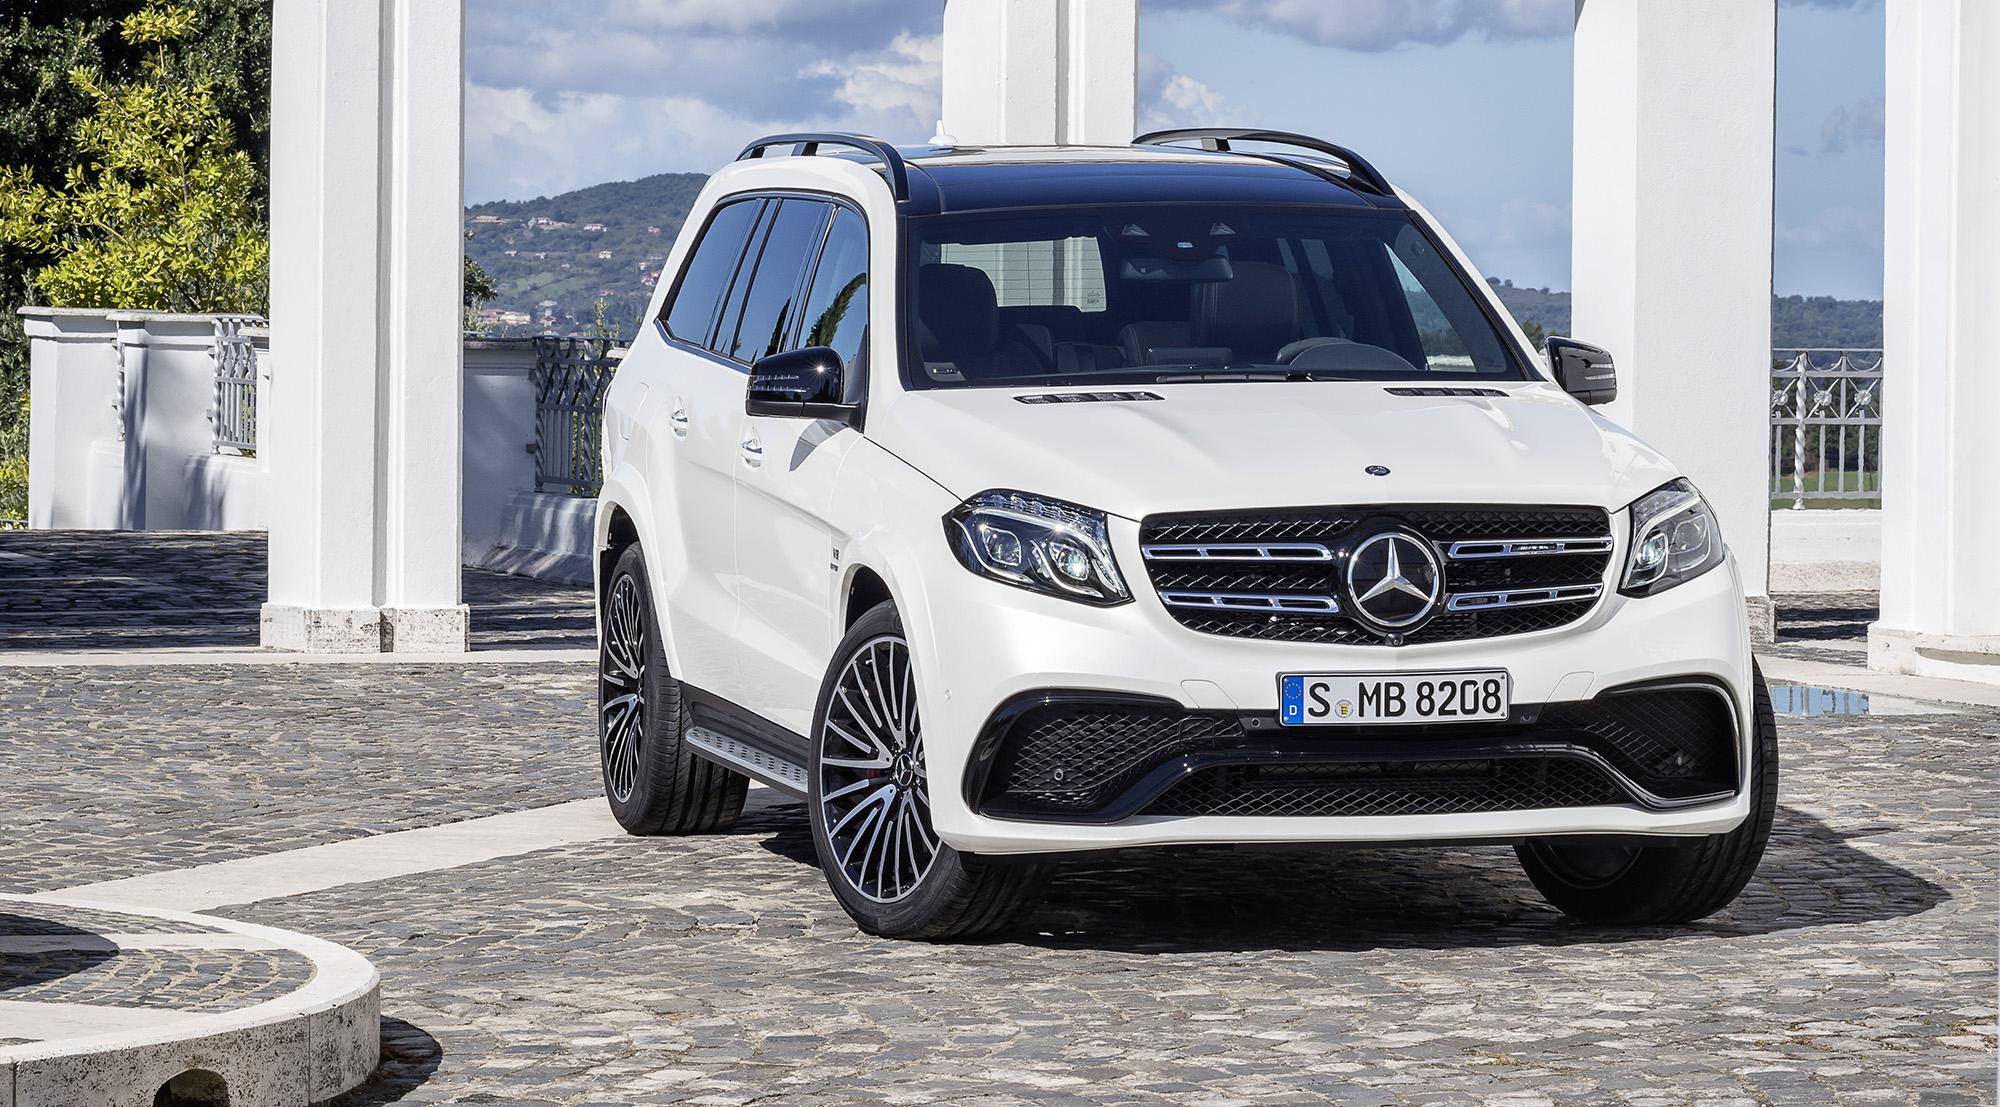 2016 MercedesBenz GLS revealed: Big GL gets new name, new look